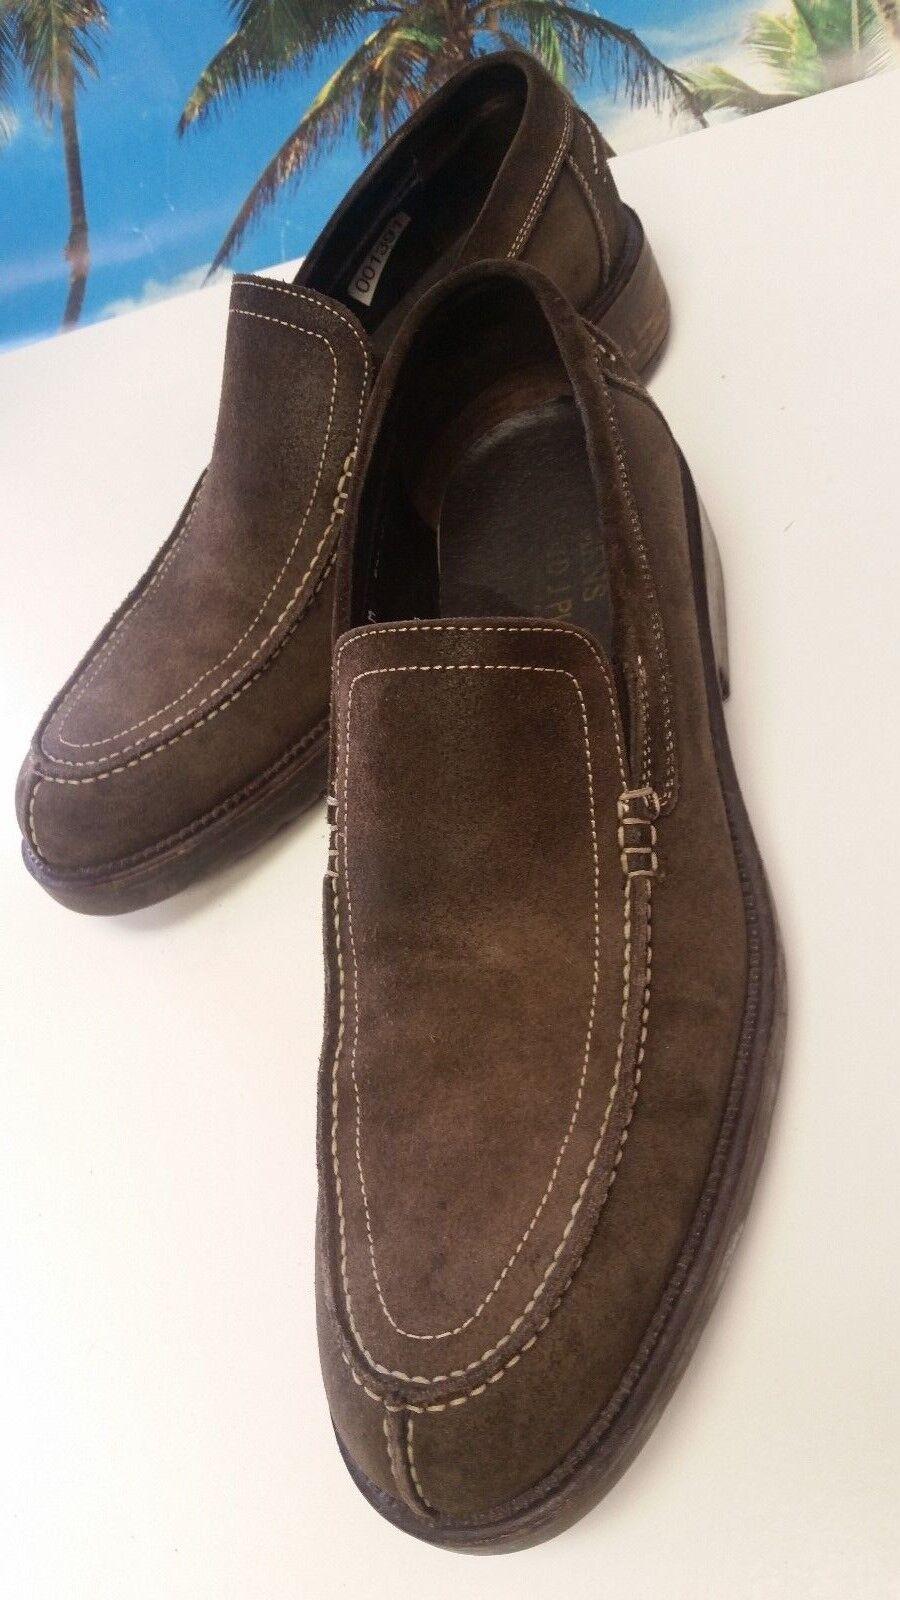 Donald J J Donald Pliner Brown Suede Casual Plain Toe Dress Loafer Shoe Men's Size 8 M aa1094